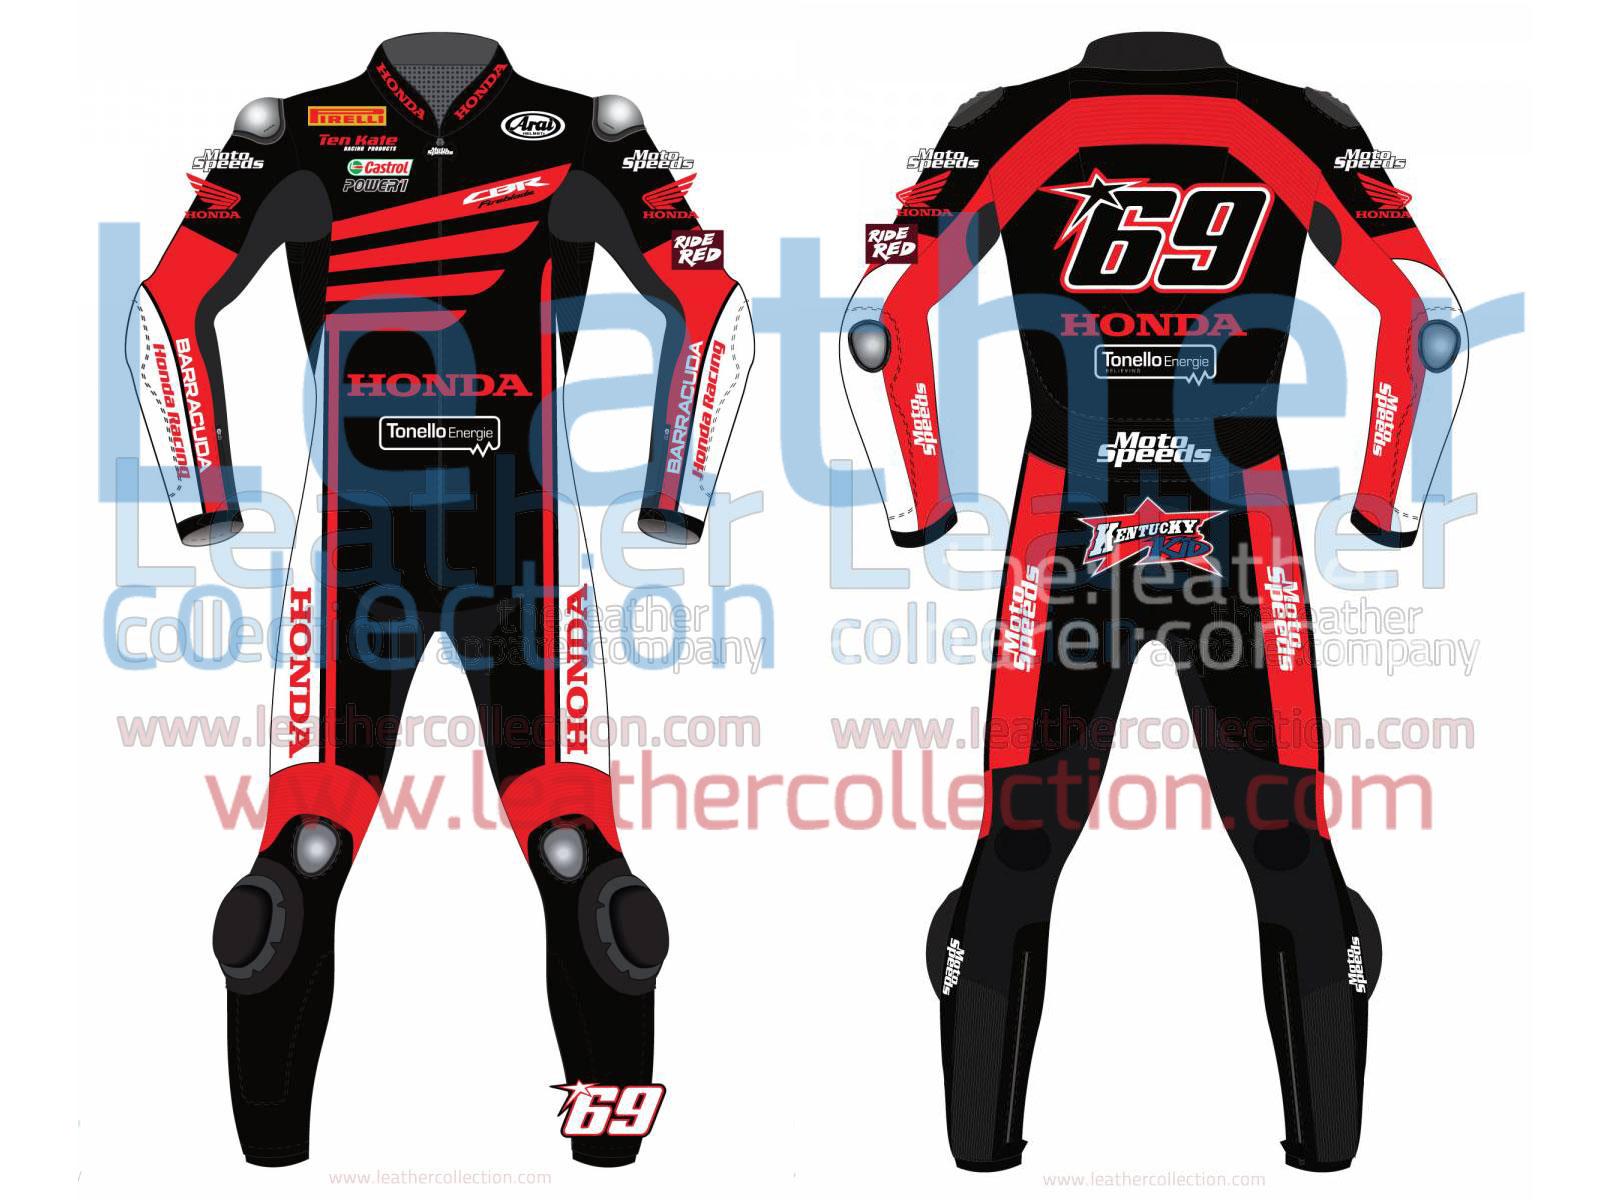 Nicky Hayden WSBK Winter Test Honda 2015 Motorcycle Suit